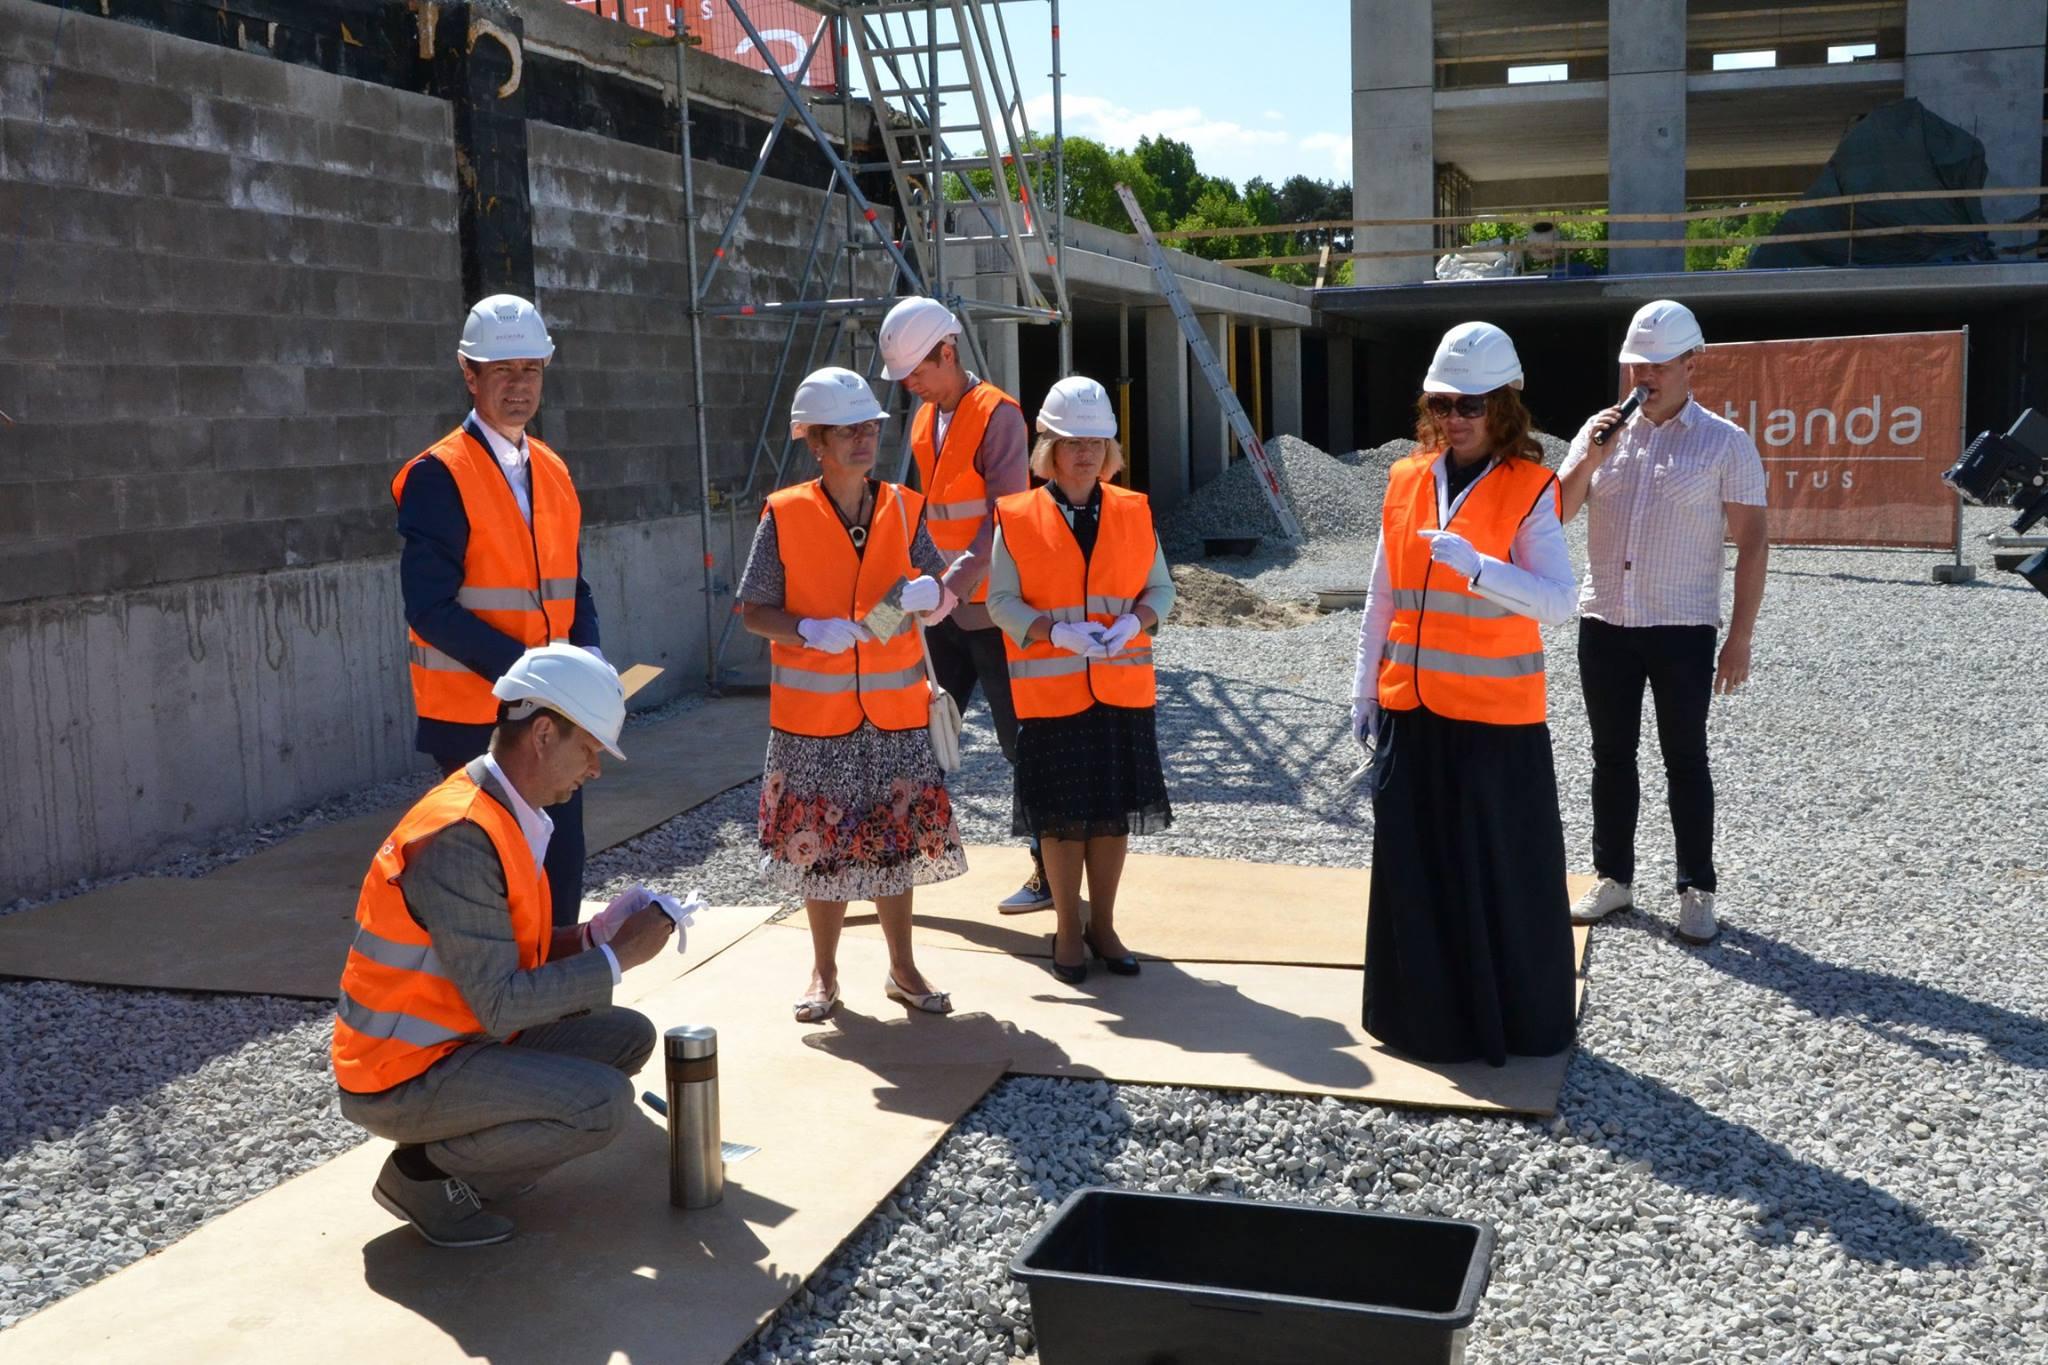 FOTOD! Teaduspargi Tehnopol uus büroohoone kompleks sai nurgakivi